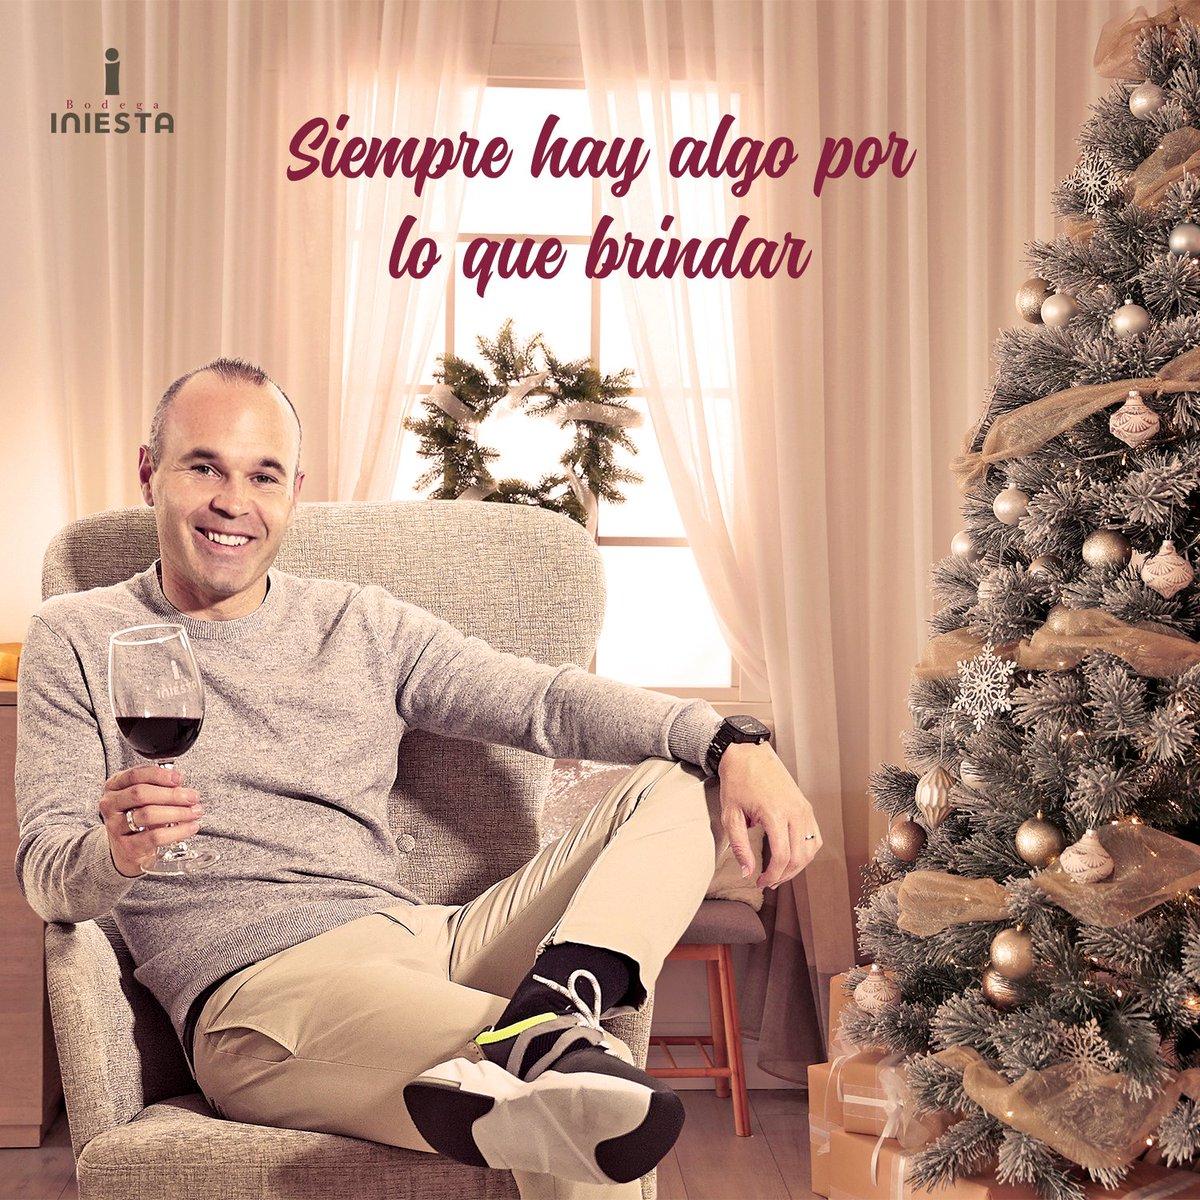 """CONCURSO DE NAVIDAD: """"Siempre hay algo por lo que brindar""""  ¡Entra y descubre cómo participar!👇@andresiniesta8 #Sorteo #Concurso #Navidad2020"""